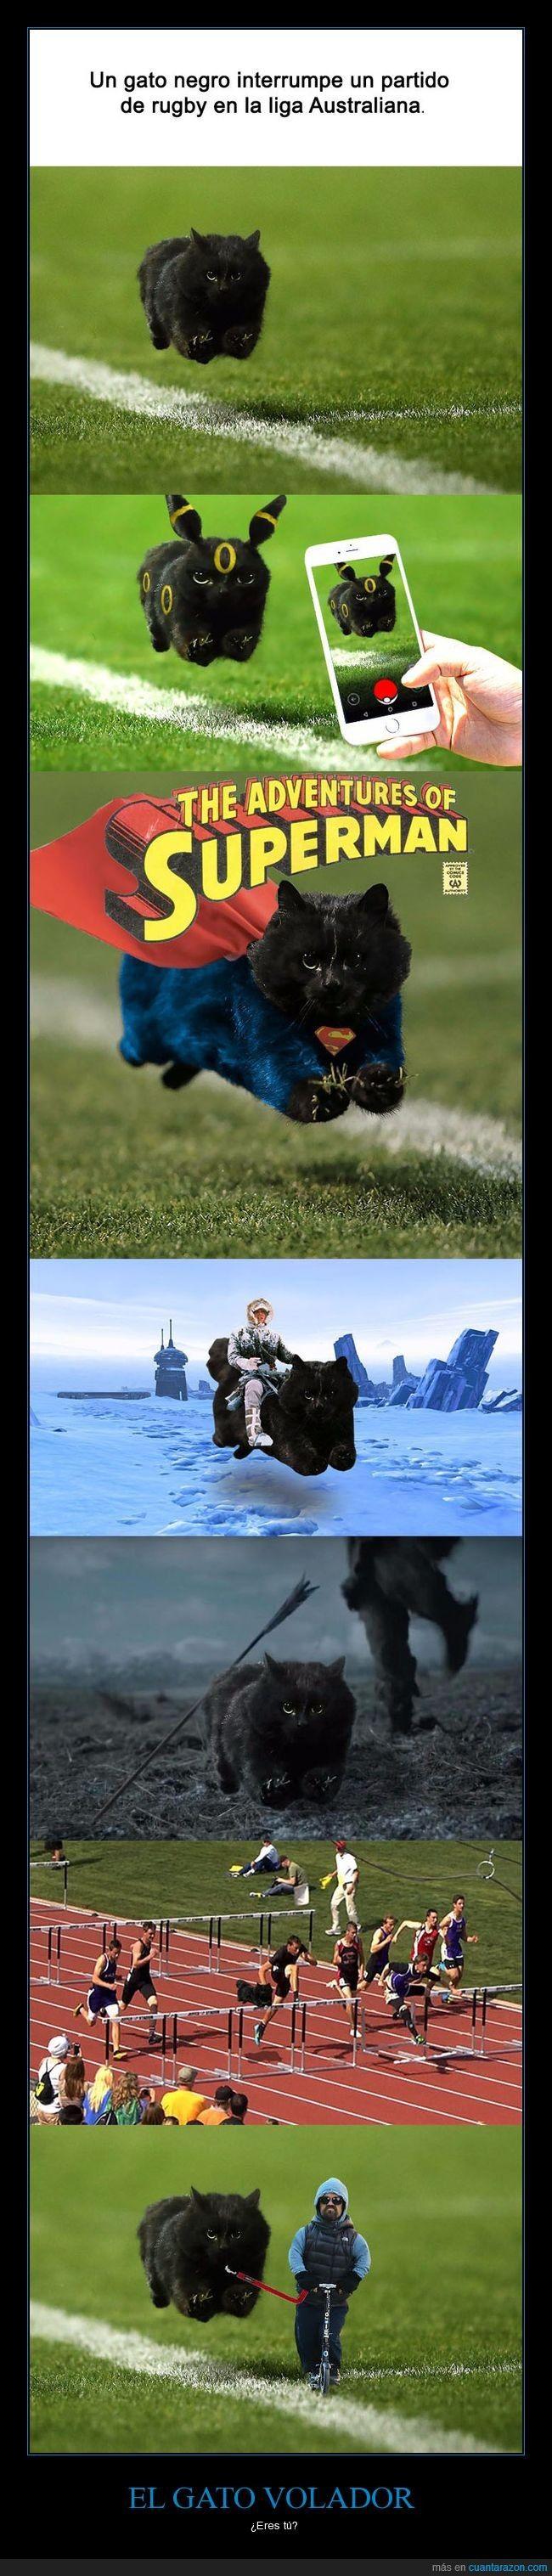 Gato volador interrumpe un partido de rugby e Internet se ceba con chops - ¿Eres tú?   Gracias a http://www.cuantarazon.com/   Si quieres leer la noticia completa visita: http://www.estoy-aburrido.com/gato-volador-interrumpe-un-partido-de-rugby-e-internet-se-ceba-con-chops-eres-tu/